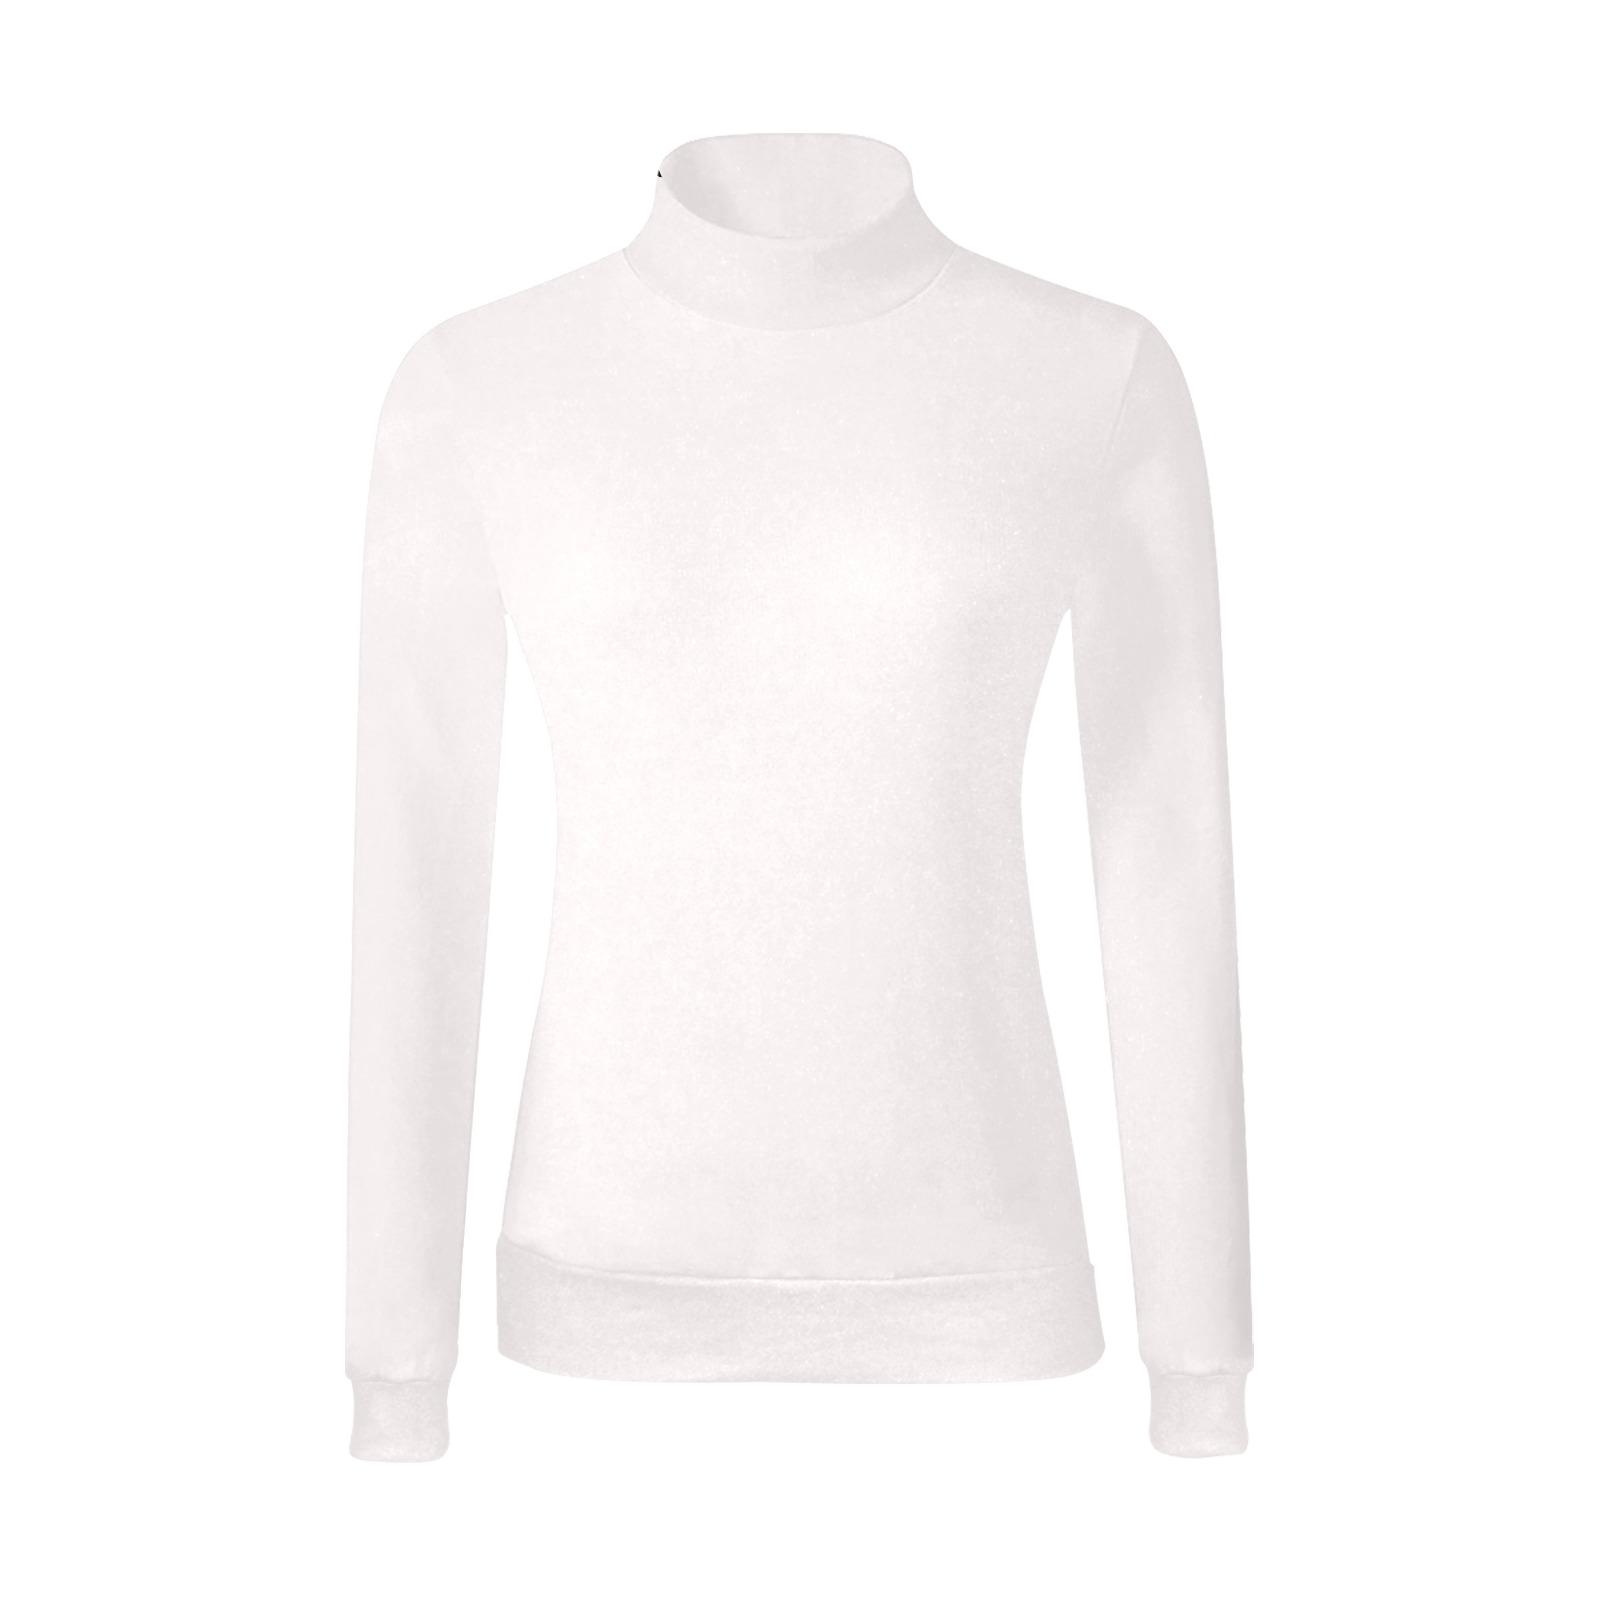 Women's All Over Print Mock Neck Sweater (Model H43)